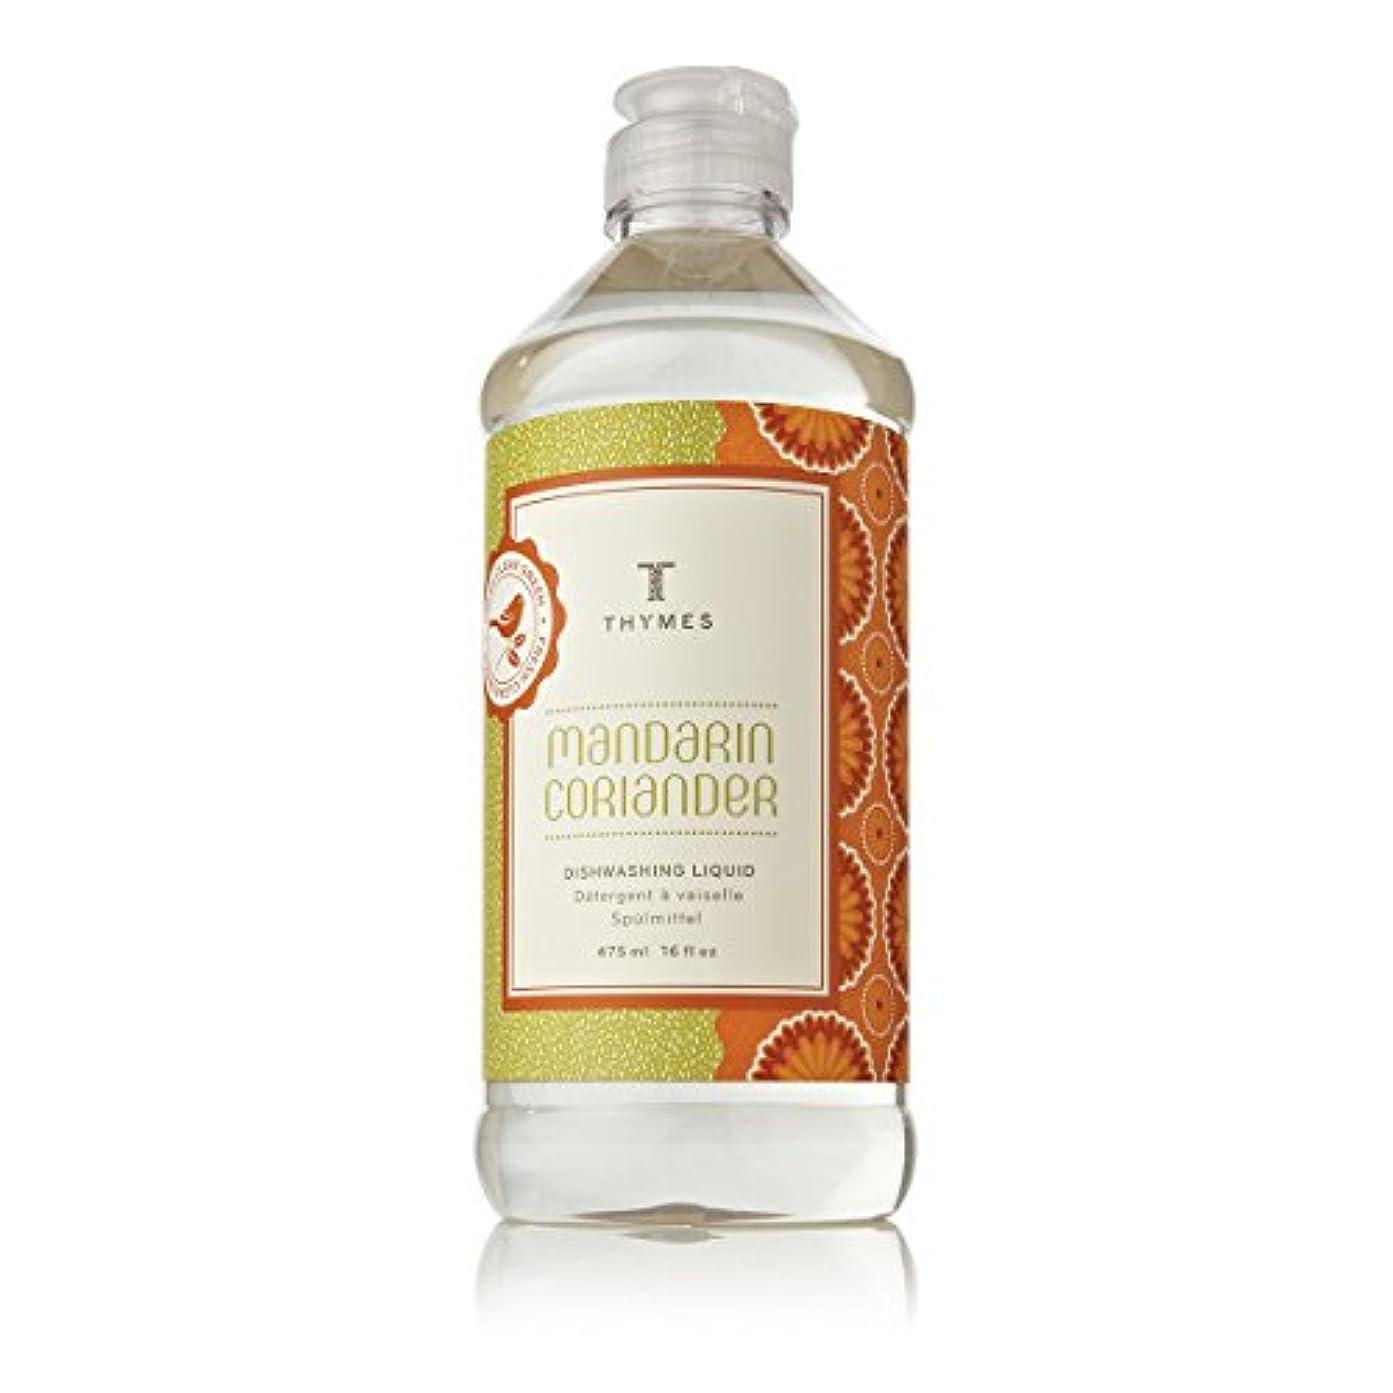 ほとんどの場合前述の刺繍Thymes Mandarin Coriander Dishwashing Liquid - Oz. Natural Body Hand 0510720100 by Thymes [並行輸入品]